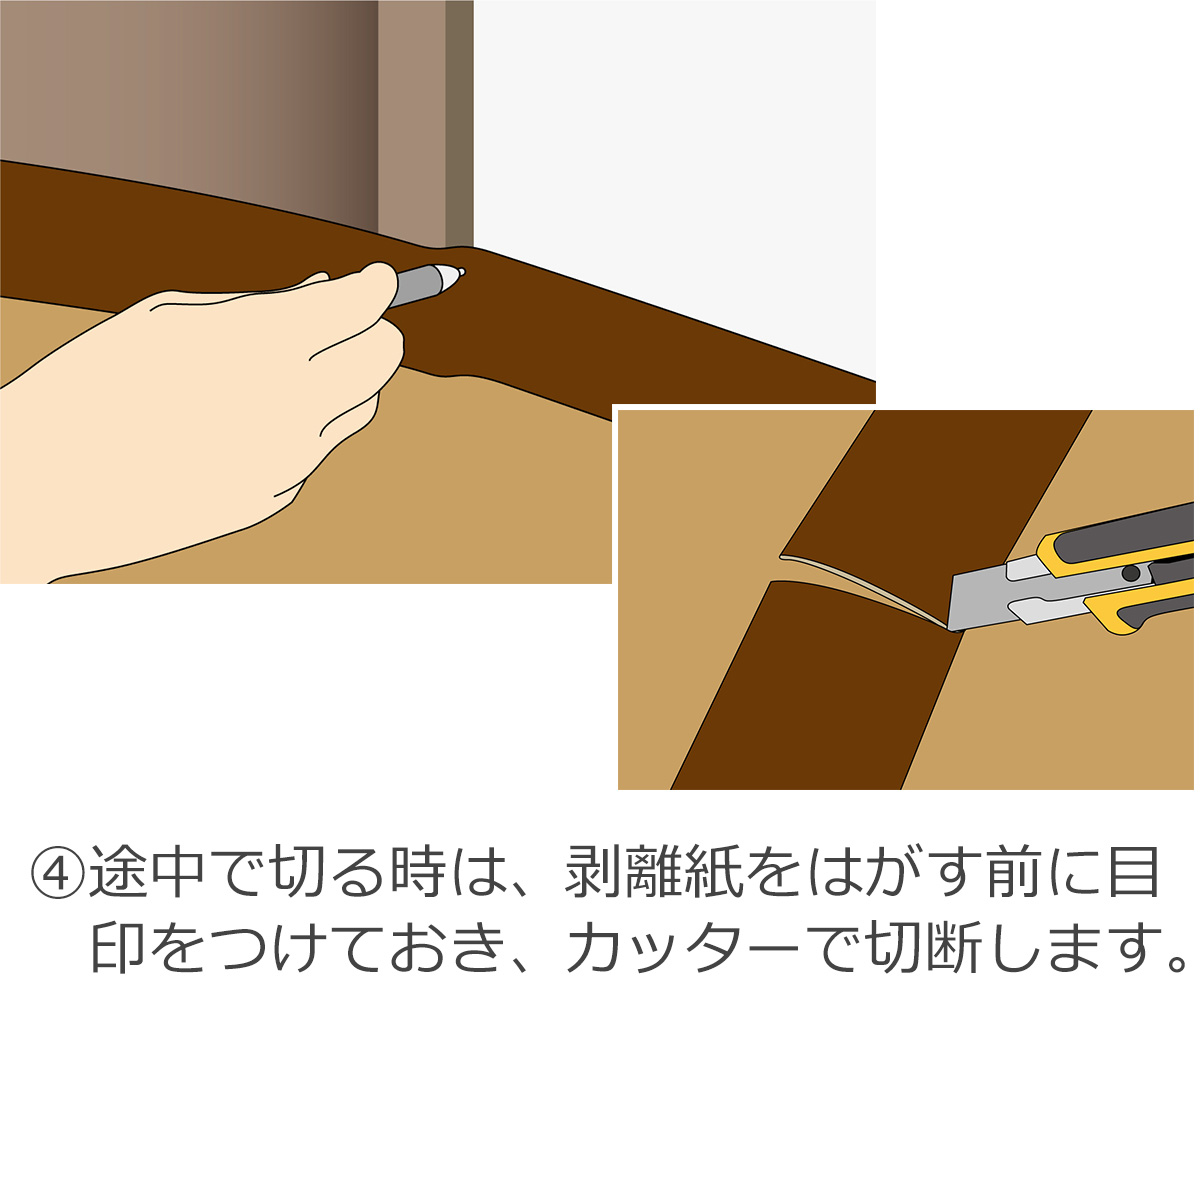 4・途中で切る時は、剥離紙をはがす前に目印をつけておき、カッターで切断します。